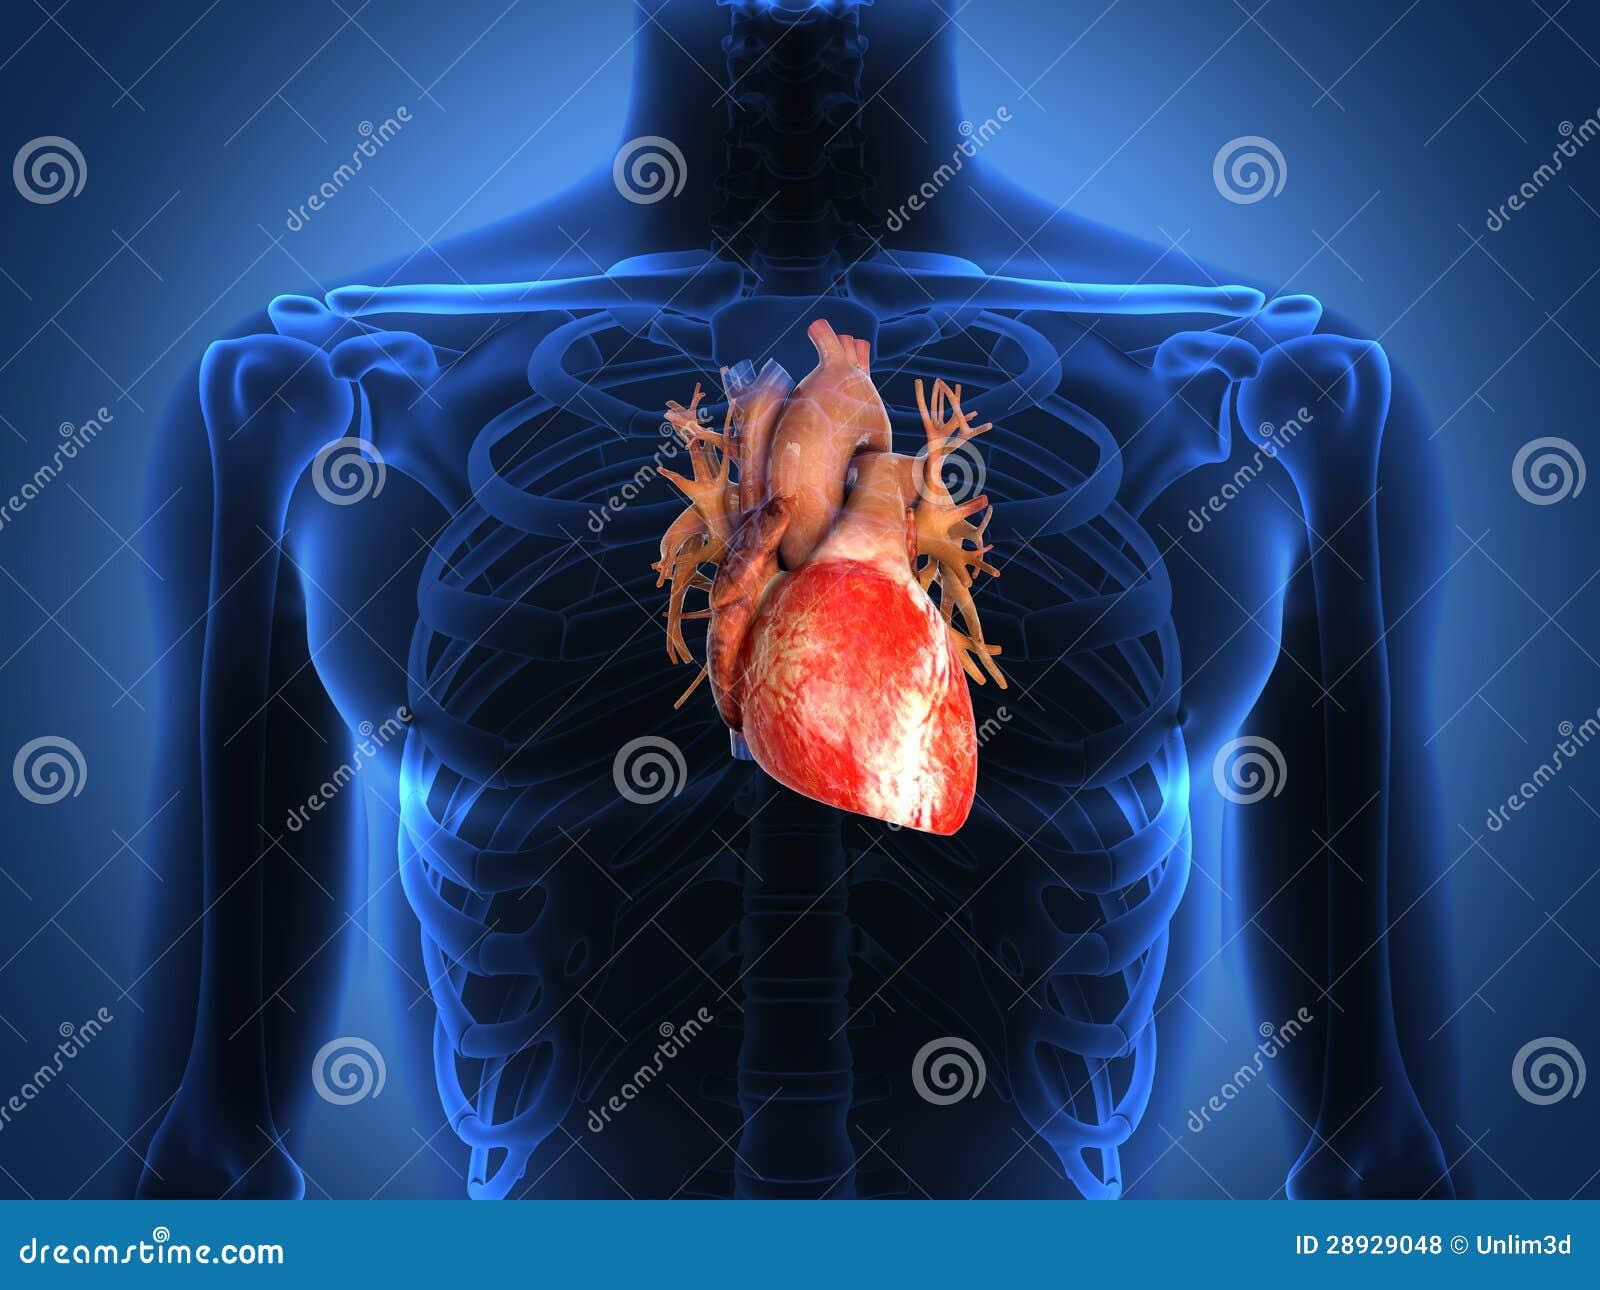 Anatom a humana del coraz n de una carrocer a sana fotos for Fotos del corazon